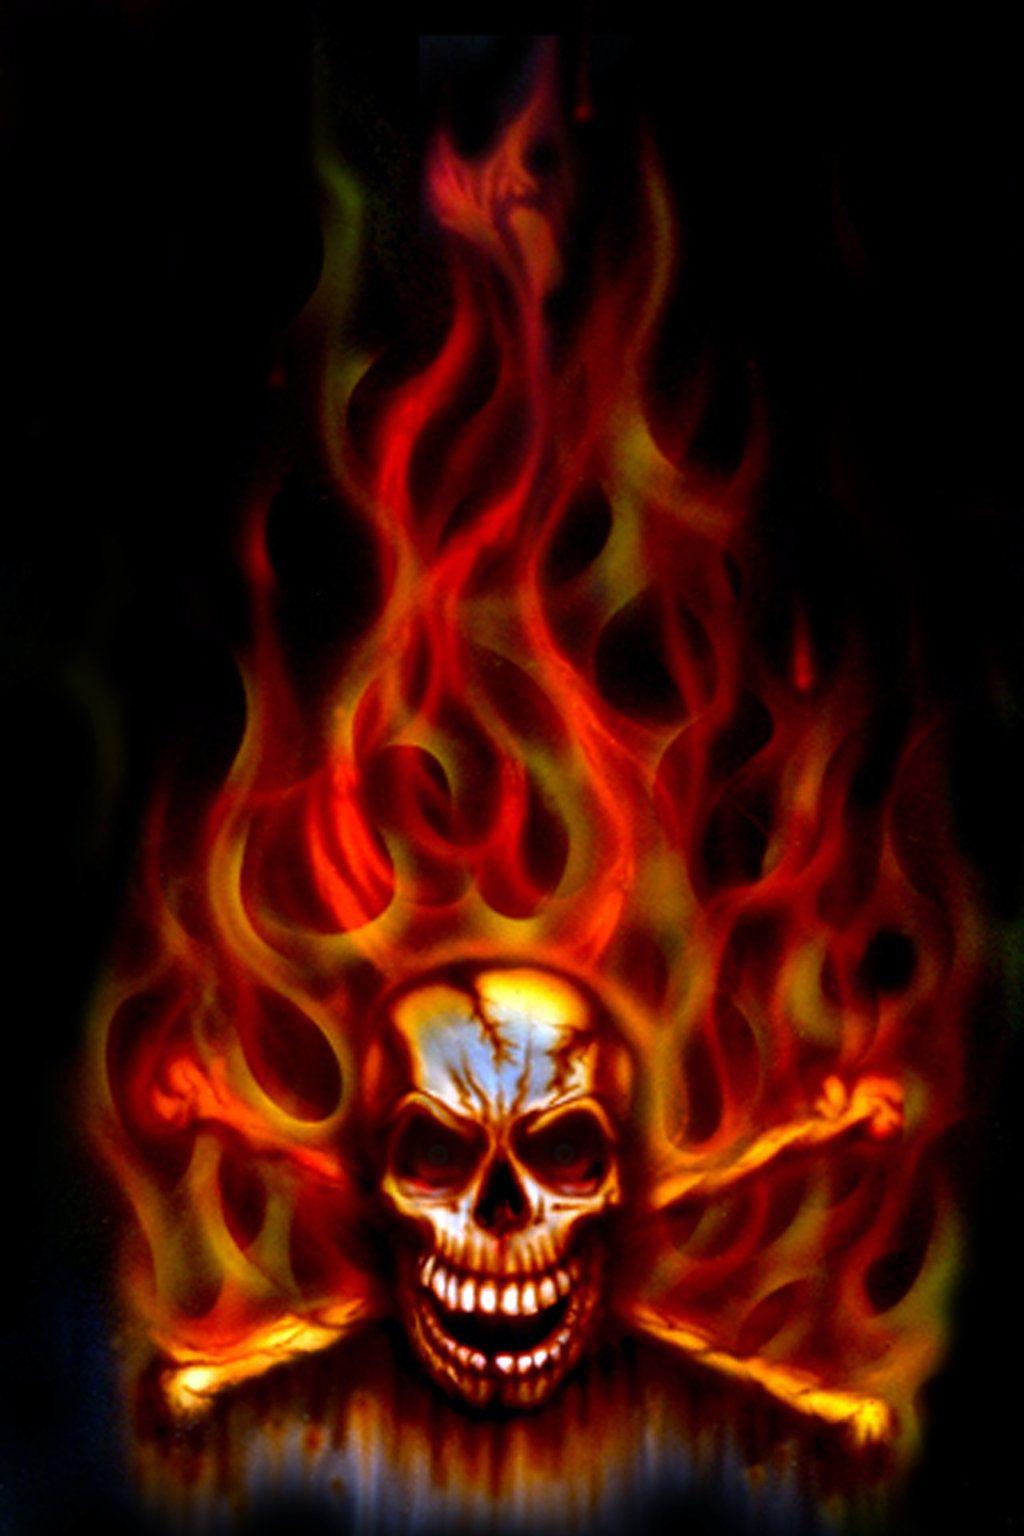 cool skull skull fire updated by hardart kustoms on deviantart